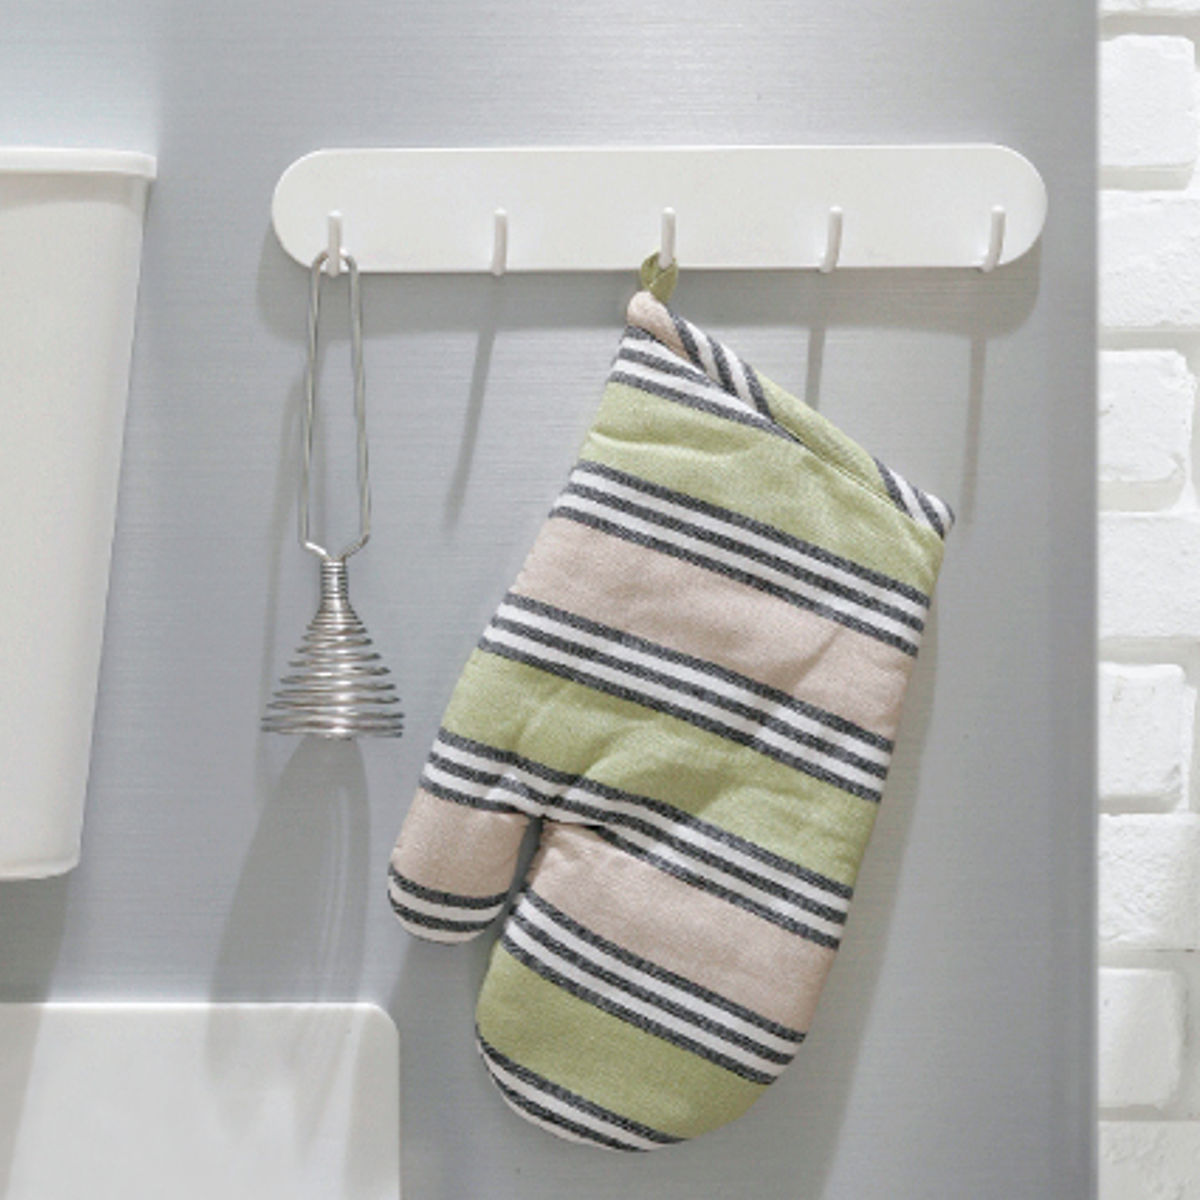 よく使うものほど見せる収納が便利なマグネット式5連フック ブランド品 [ギフト/プレゼント/ご褒美] キッチンフック 磁石 キッチンツール 収納 吊り下げ 小物掛け マグネットフック Mag-On 壁掛け 冷蔵庫横 小物収納 鍵フック マグネット5連フック キッチン収納 フック